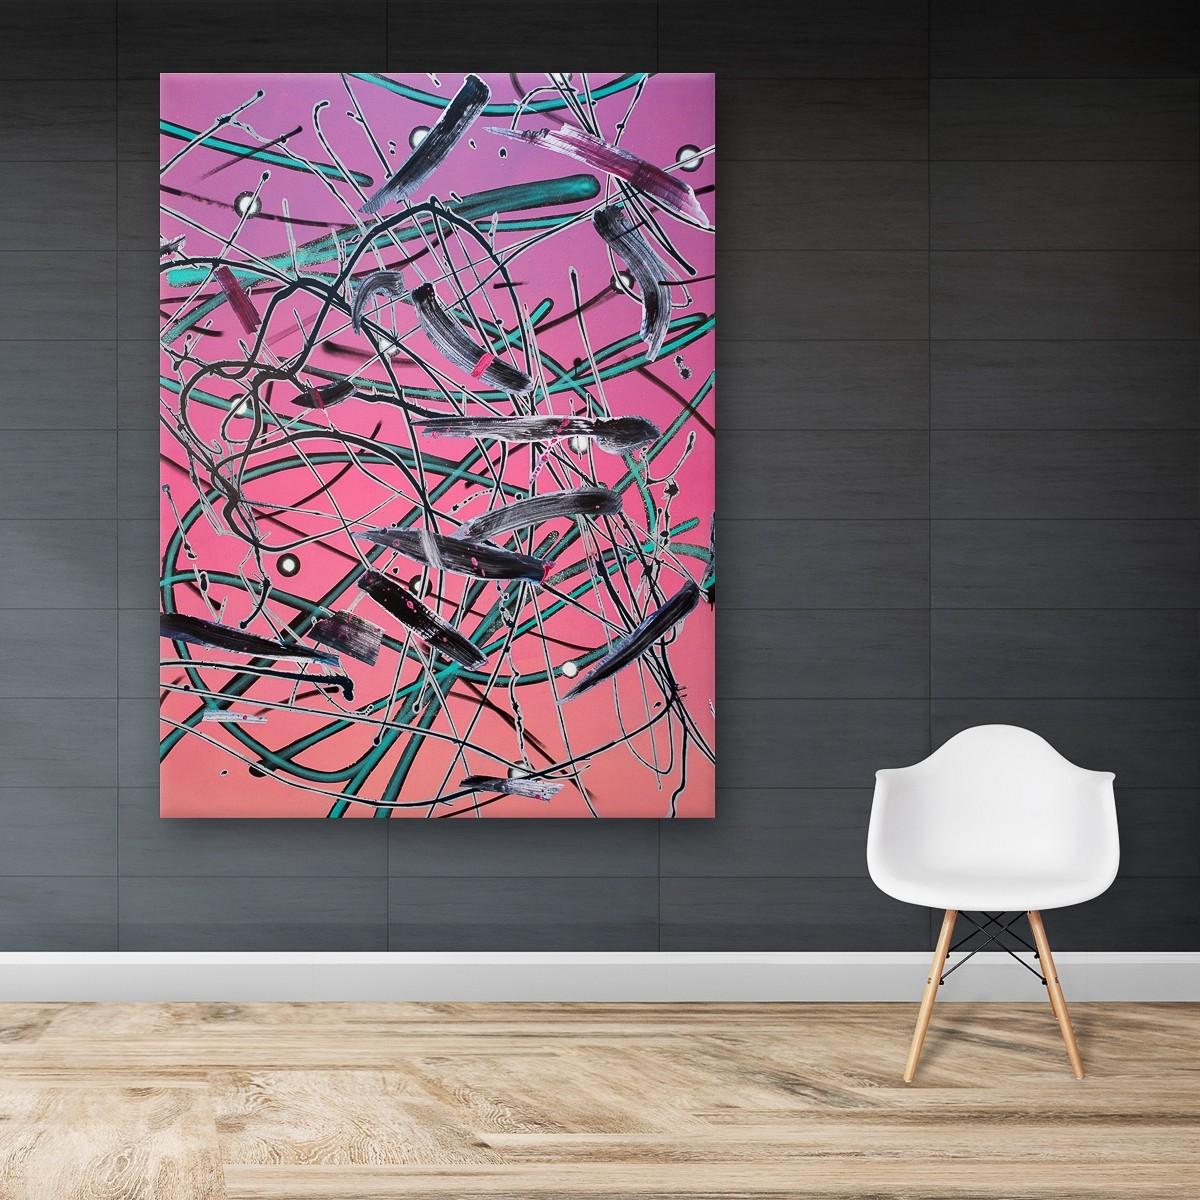 Zwischenräume 16, Malerei von Malwin Faber, Öl, Acryl und Sprühlack auf Leinwand - 3